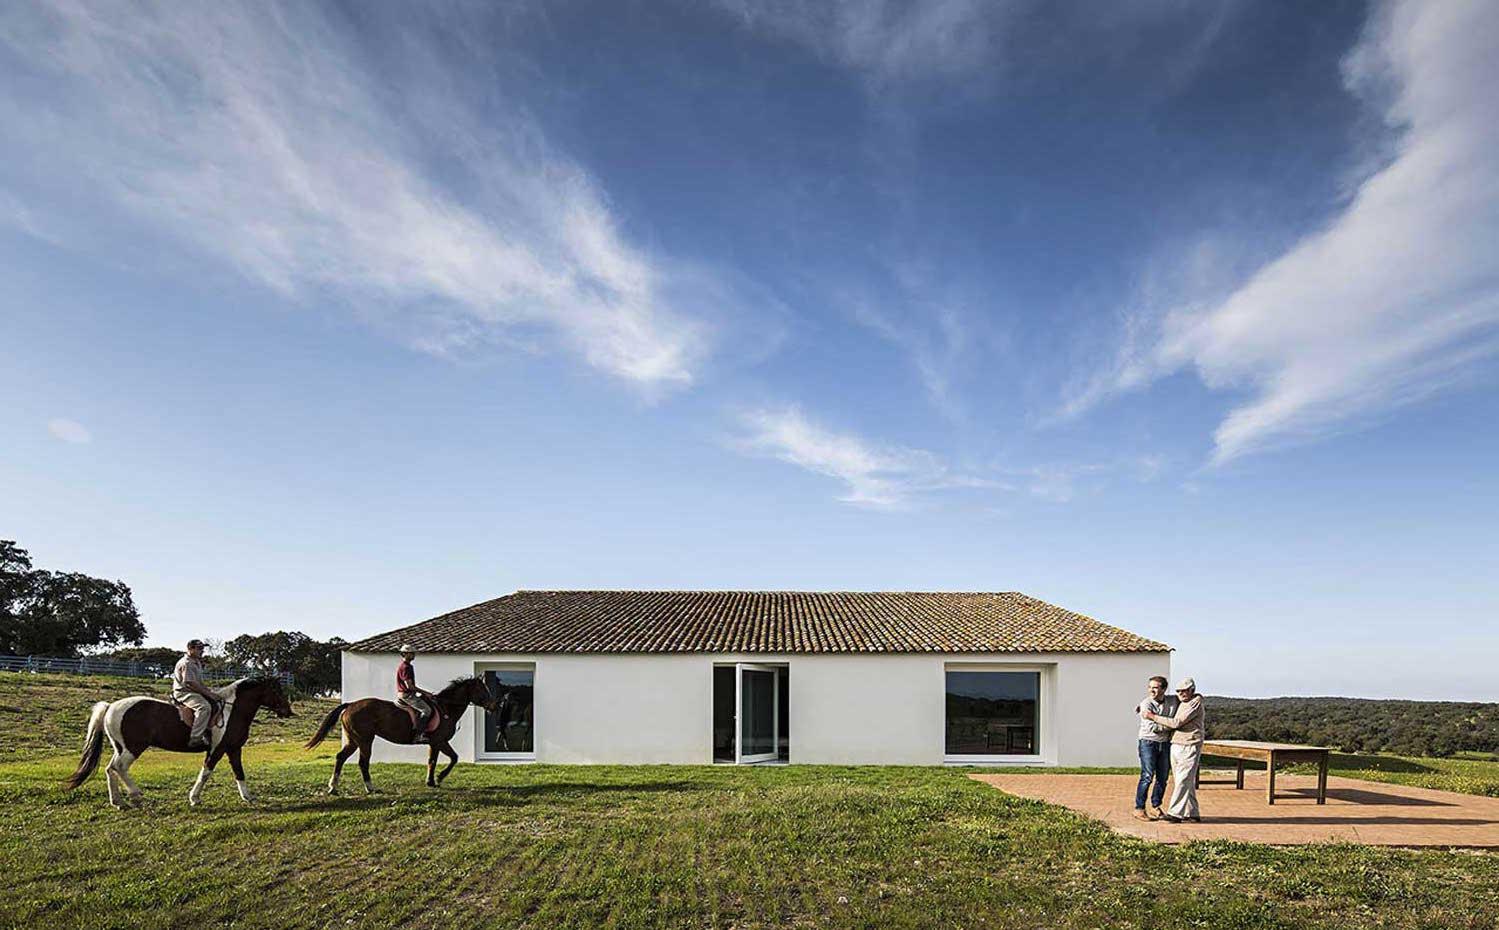 la casa ofrece una imagen arquetpica de construccin rural matizada por las grandes aberturas de